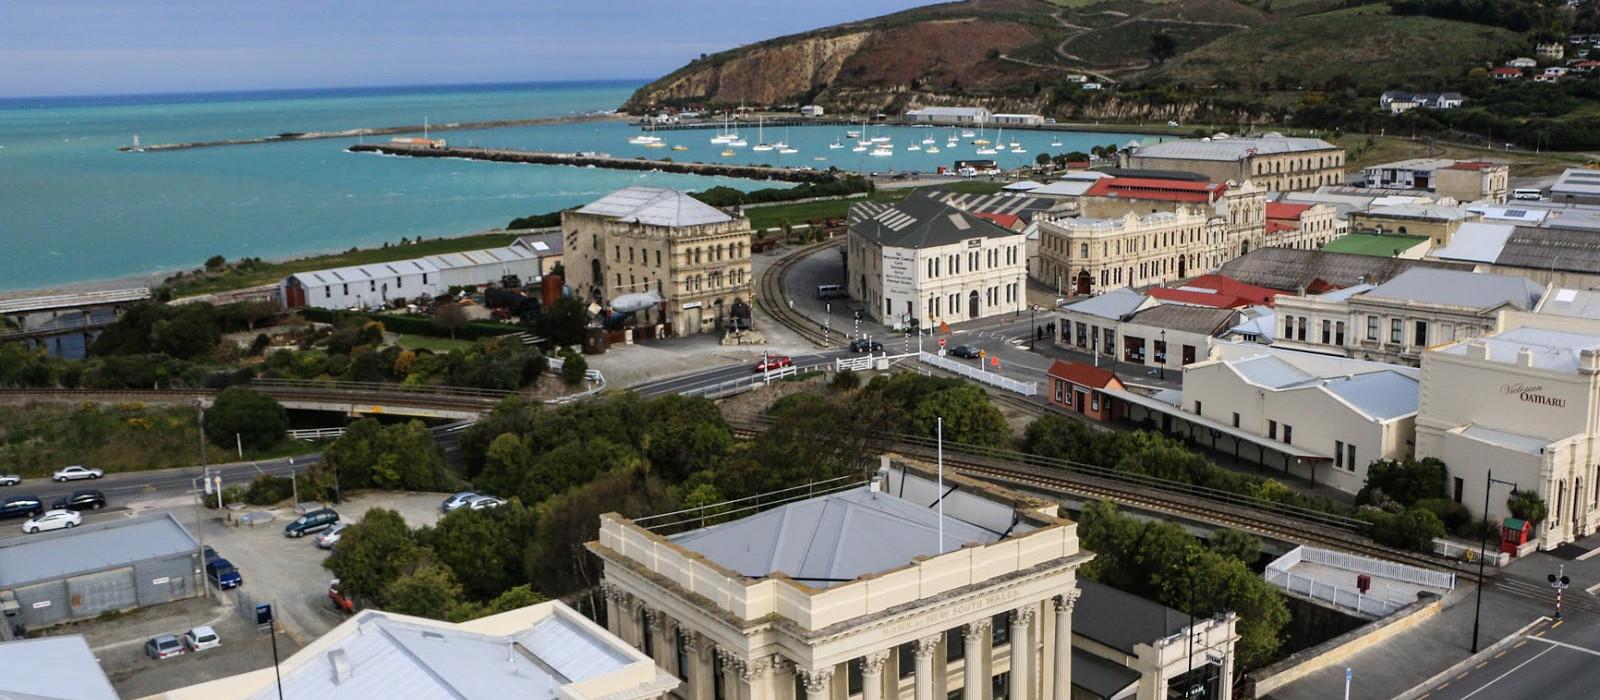 Reiseziel Oamaru Neuseeland